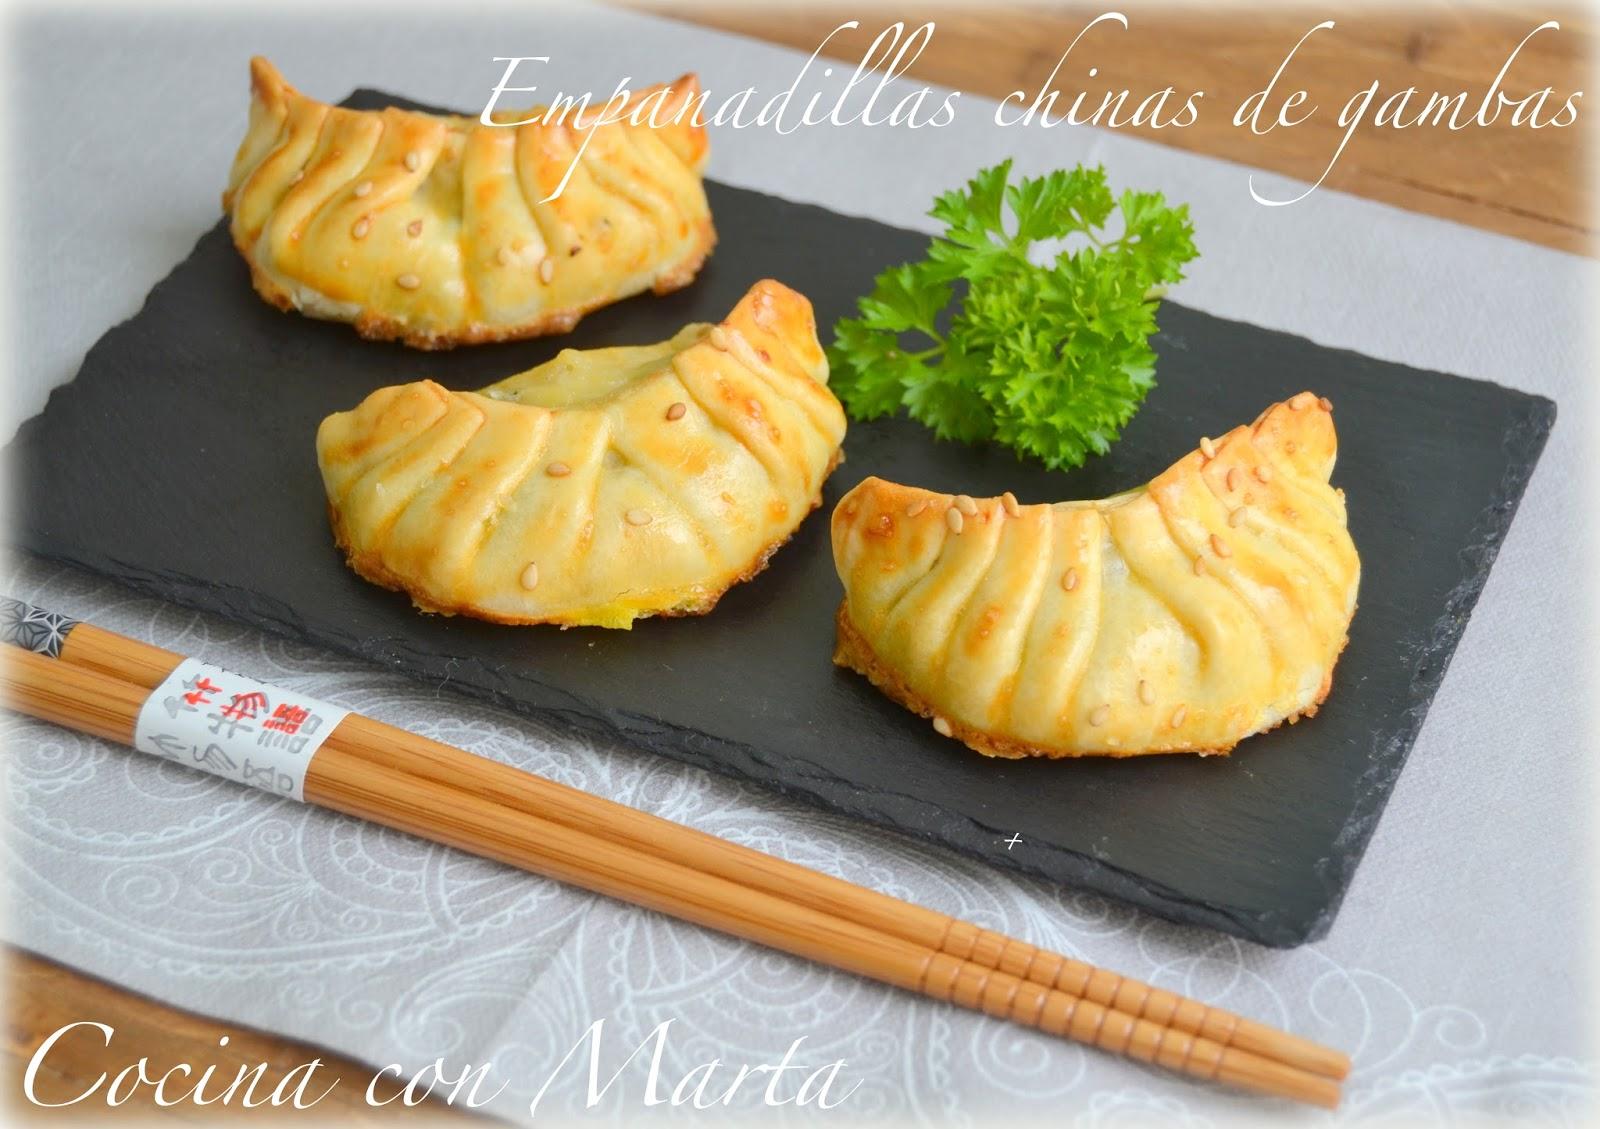 Empanadillas chinas o samosas de gambas y verduras, puerro, calabacín. Receta casera, fácil y rápida.